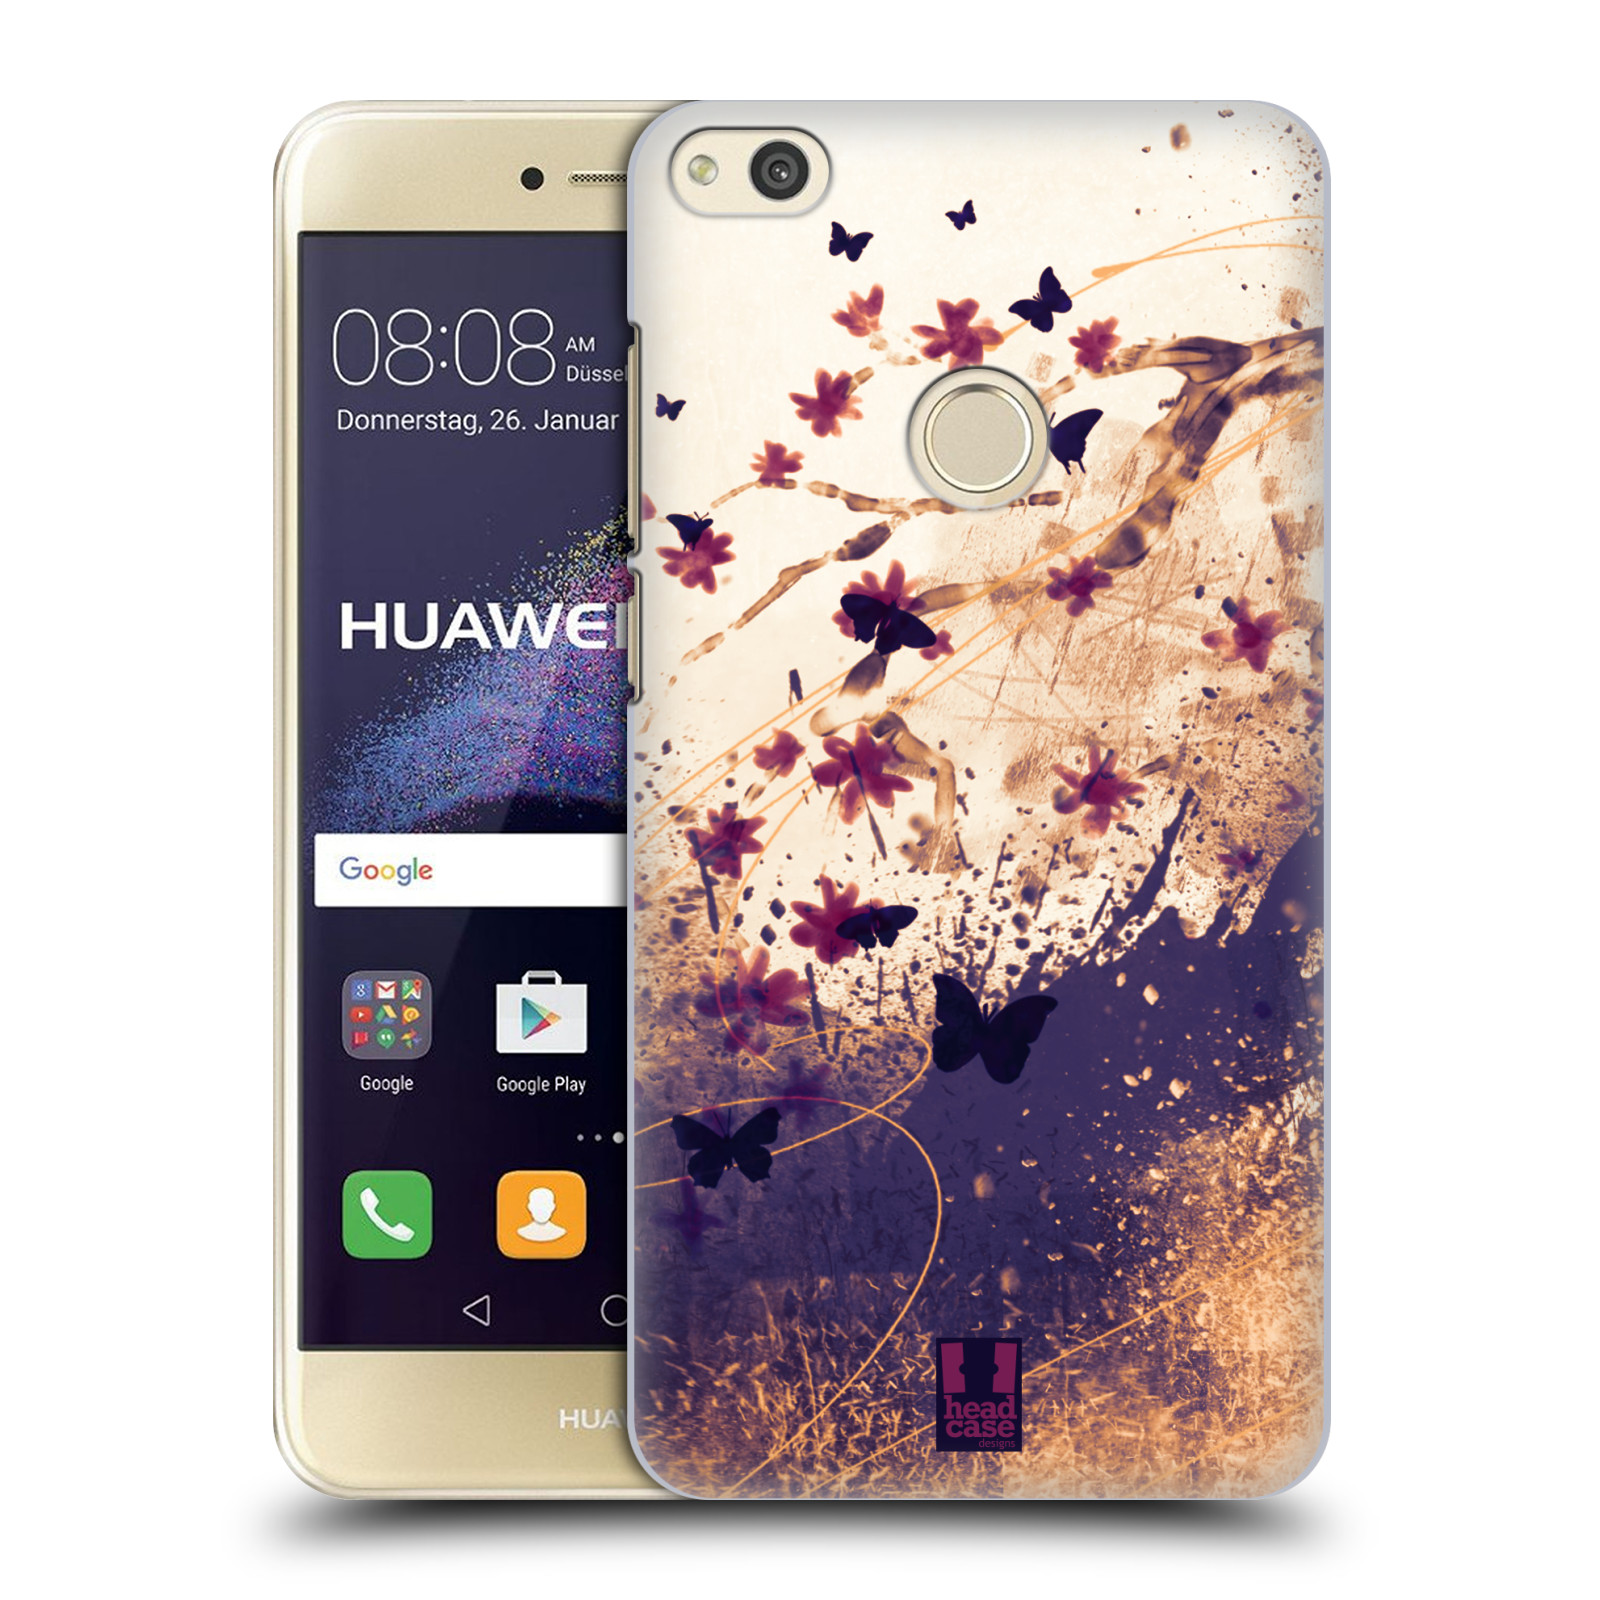 HEAD CASE silikonový obal na mobil Huawei P8 LITE 2017 vzor Kreslené barevné květiny KVĚTY A MOTÝLCI